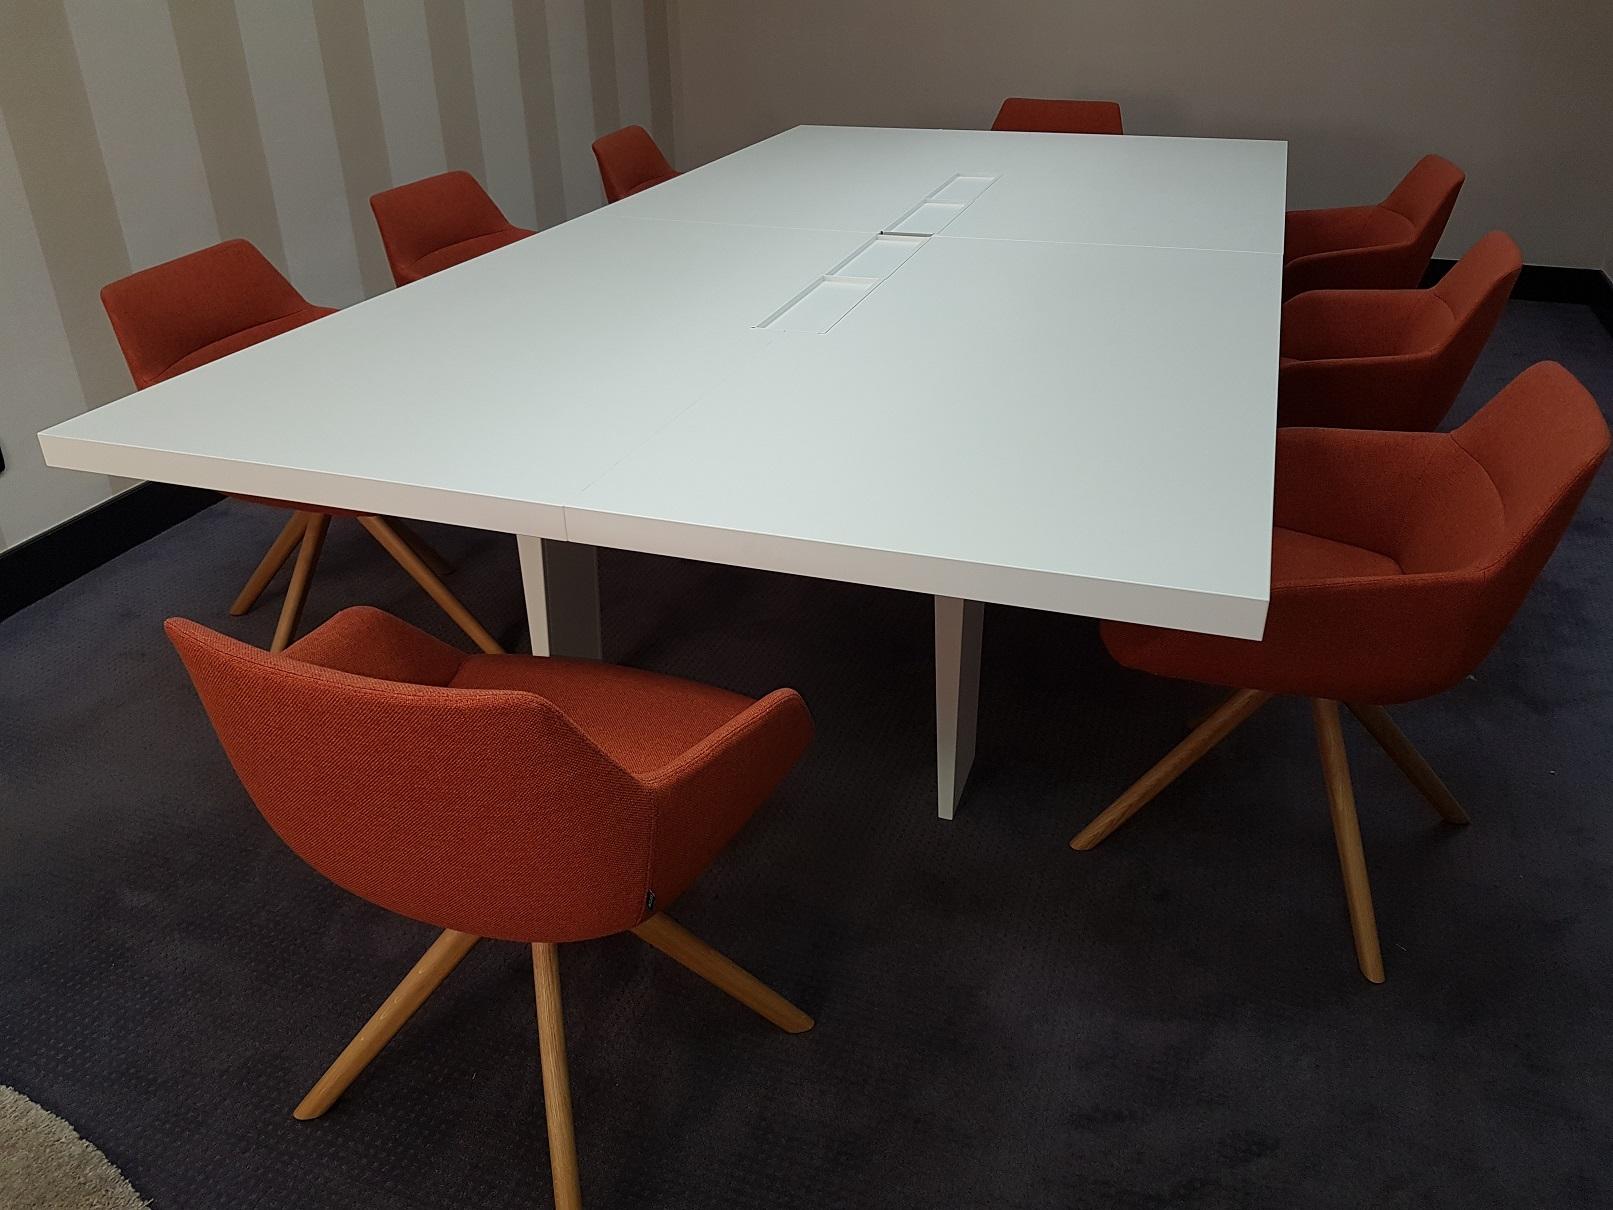 Proyectos de oficina en Sevilla: Decoración de salas de reuniones